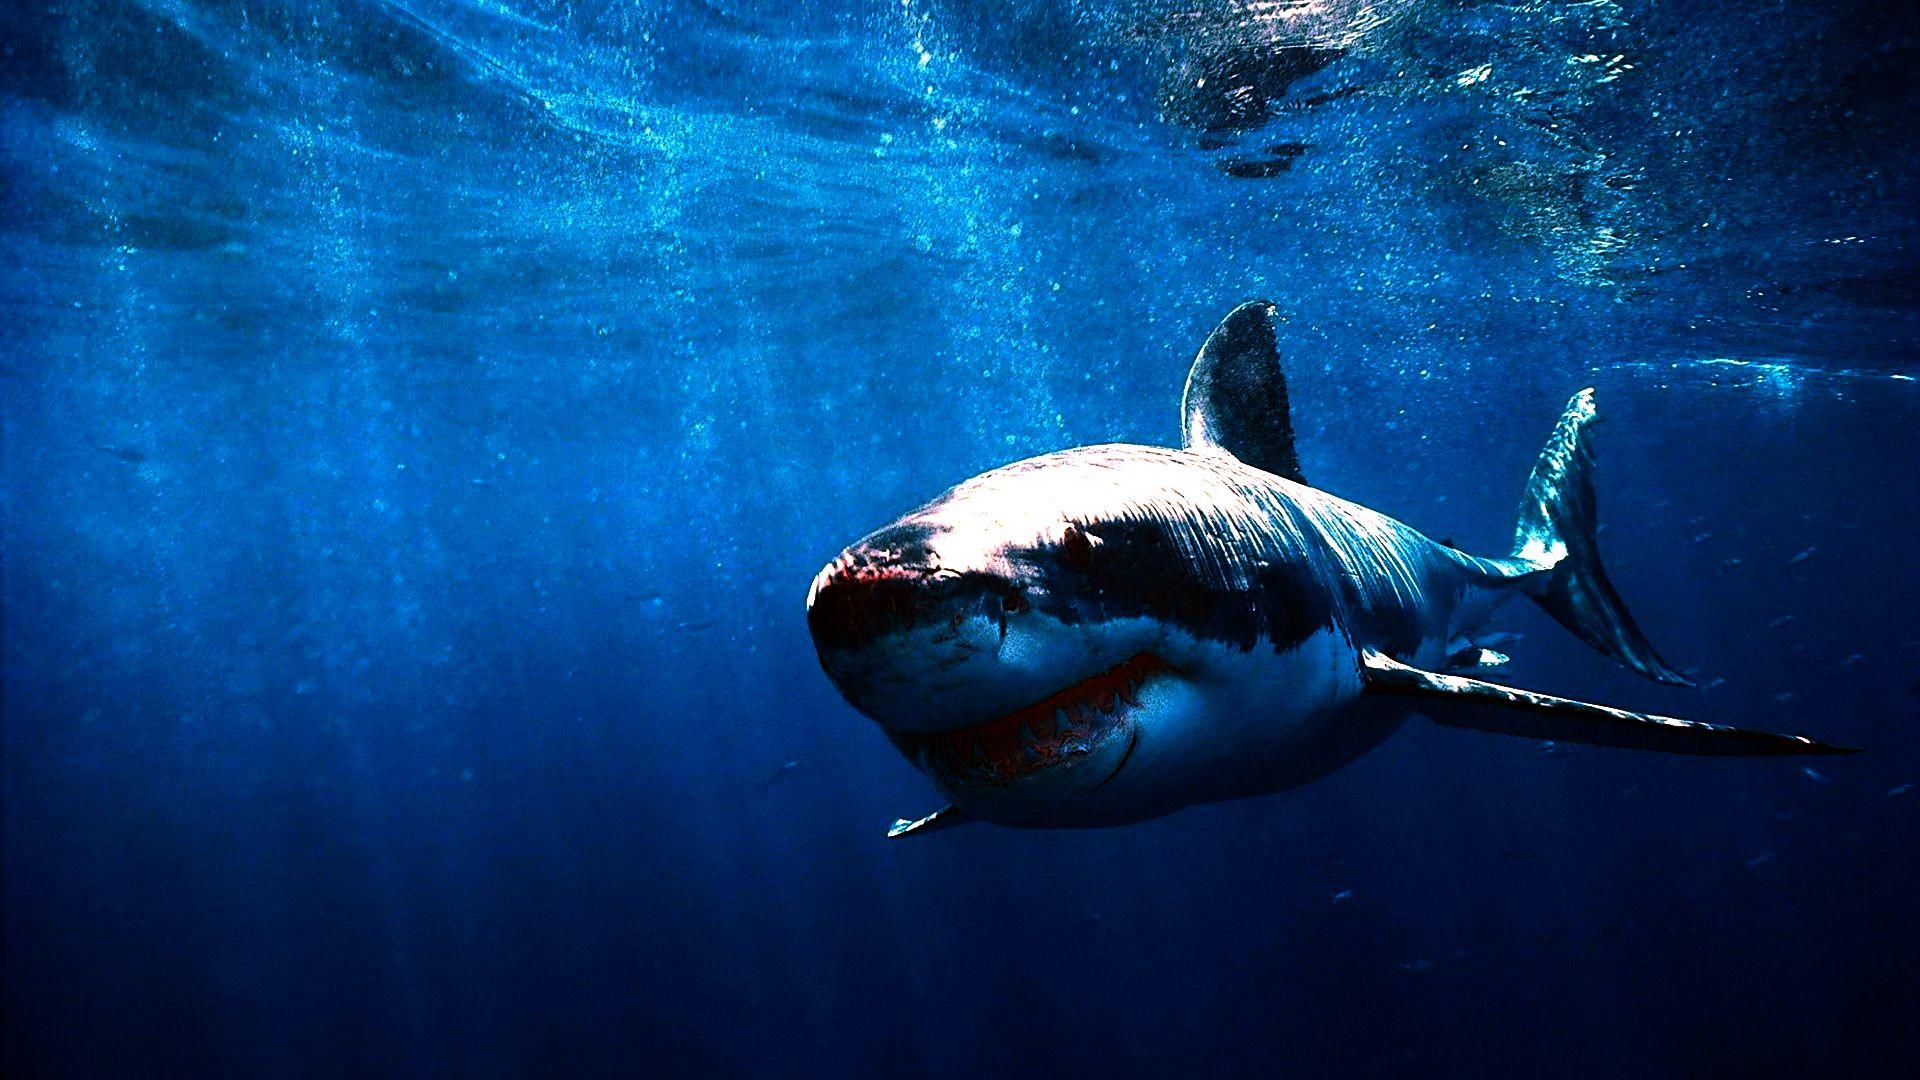 этот тематичные картинки про акул вопрос нередко